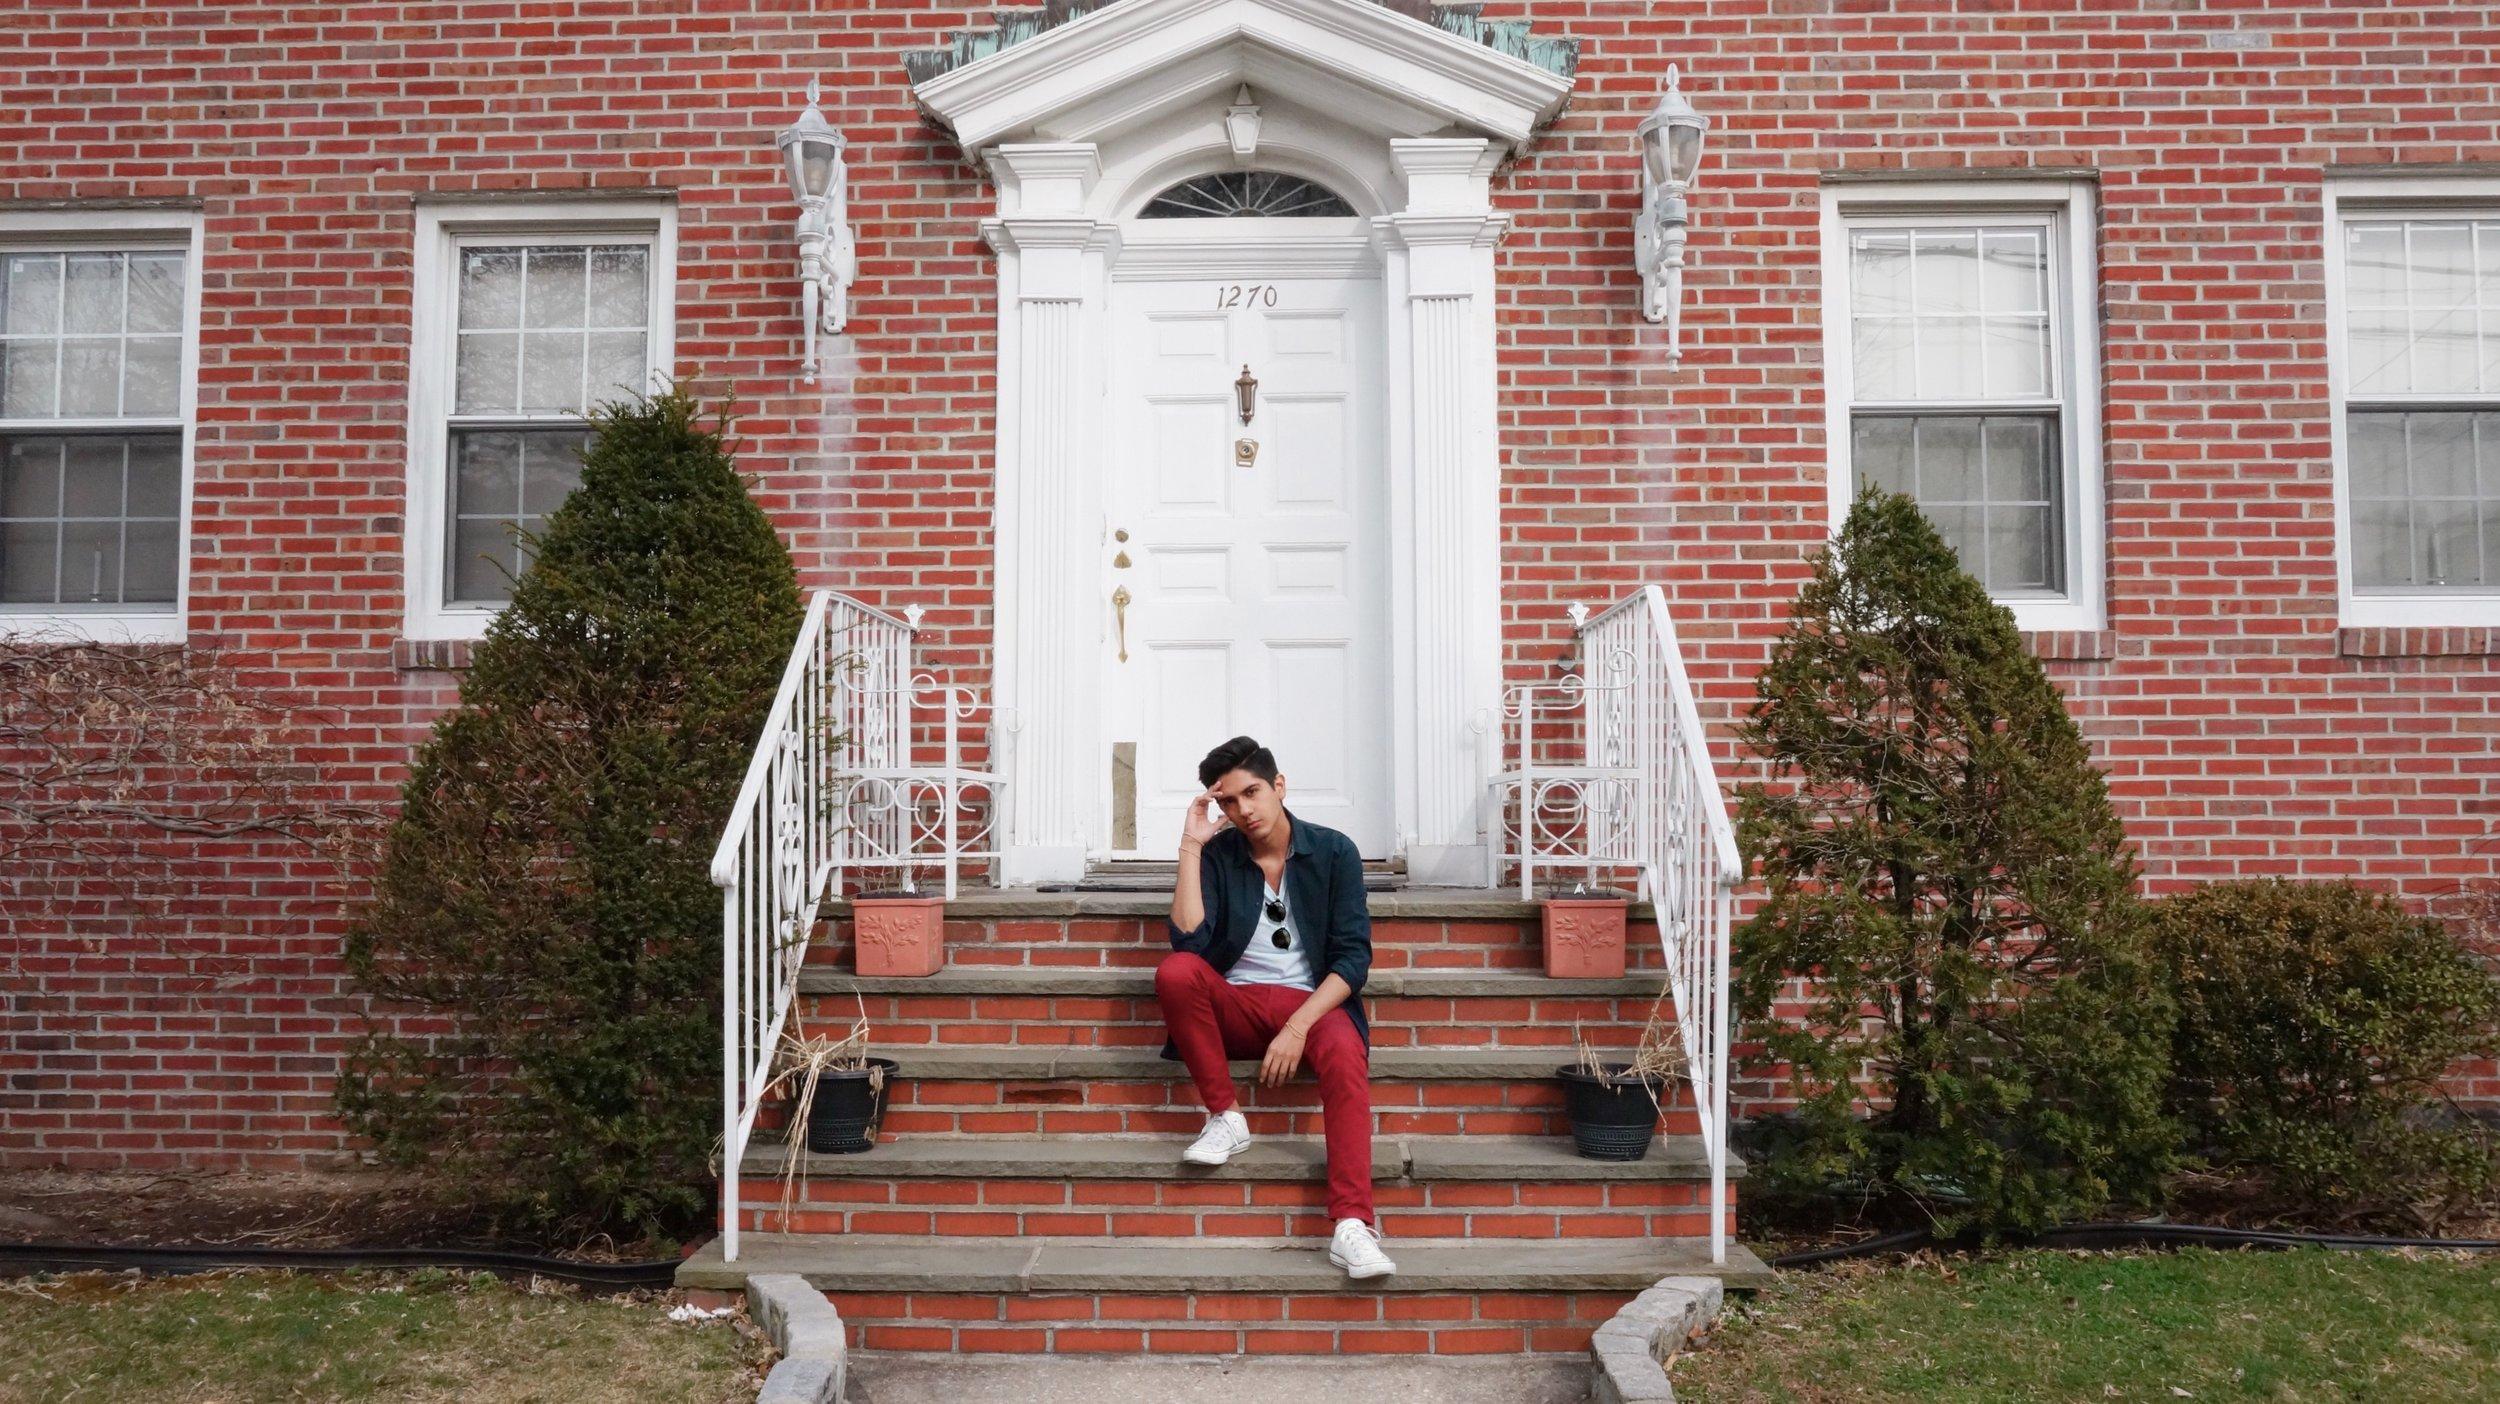 50d1be351e87-House.jpg